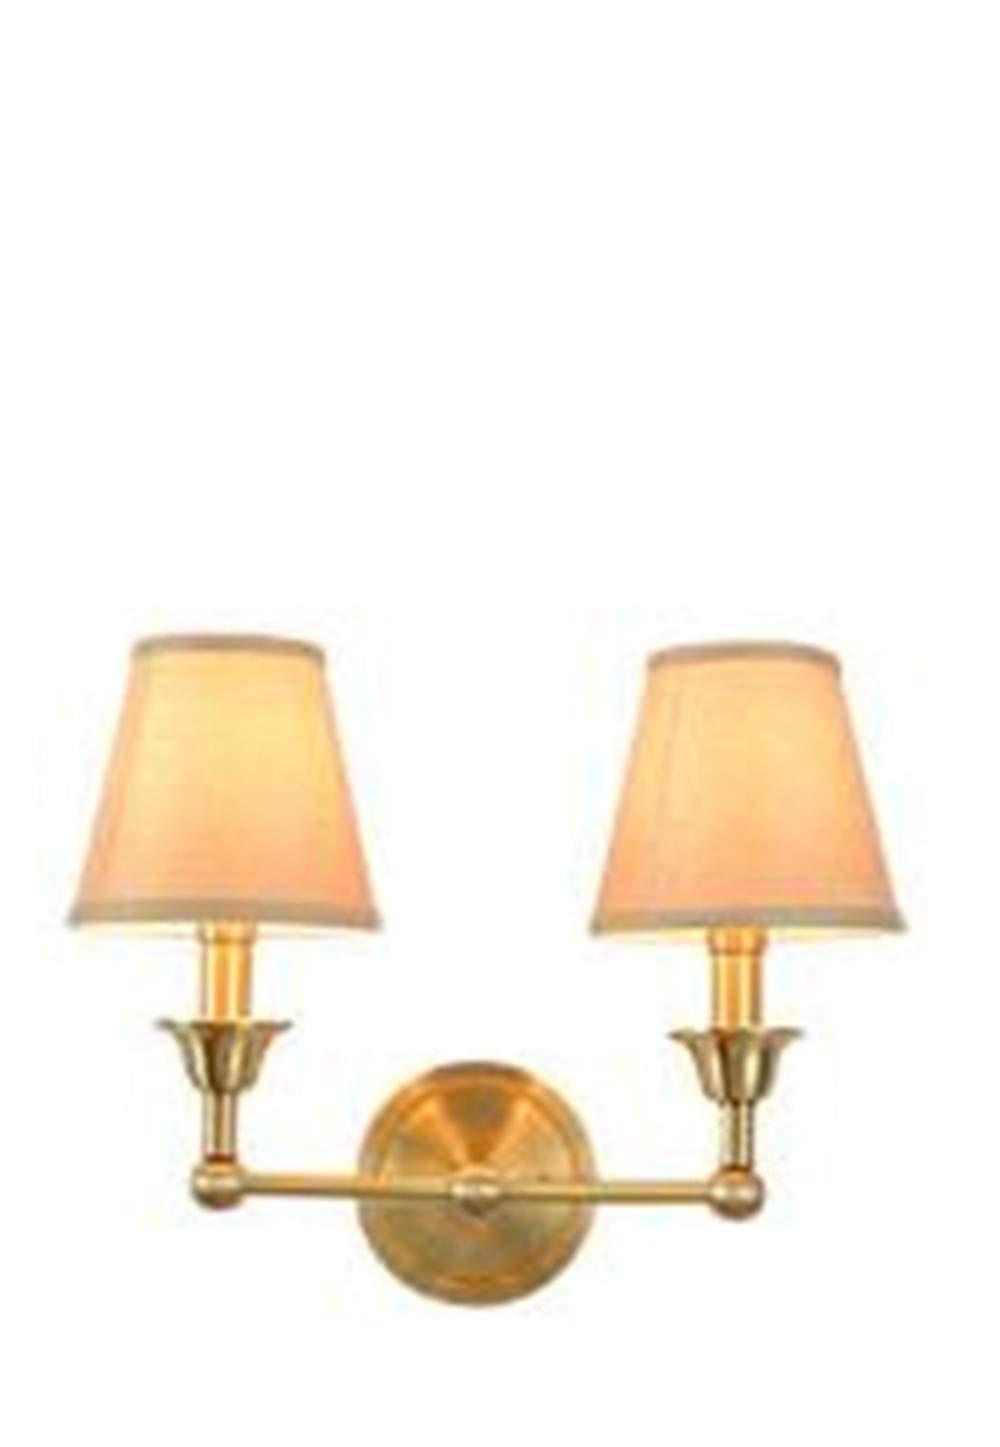 Wandleuchten Schlafzimmerwandlampe Reines Kupfer Einfaches Wohnzimmer Studie Gang Badezimmer Wandleuchte Ohne Glühbirne Doppelkopf